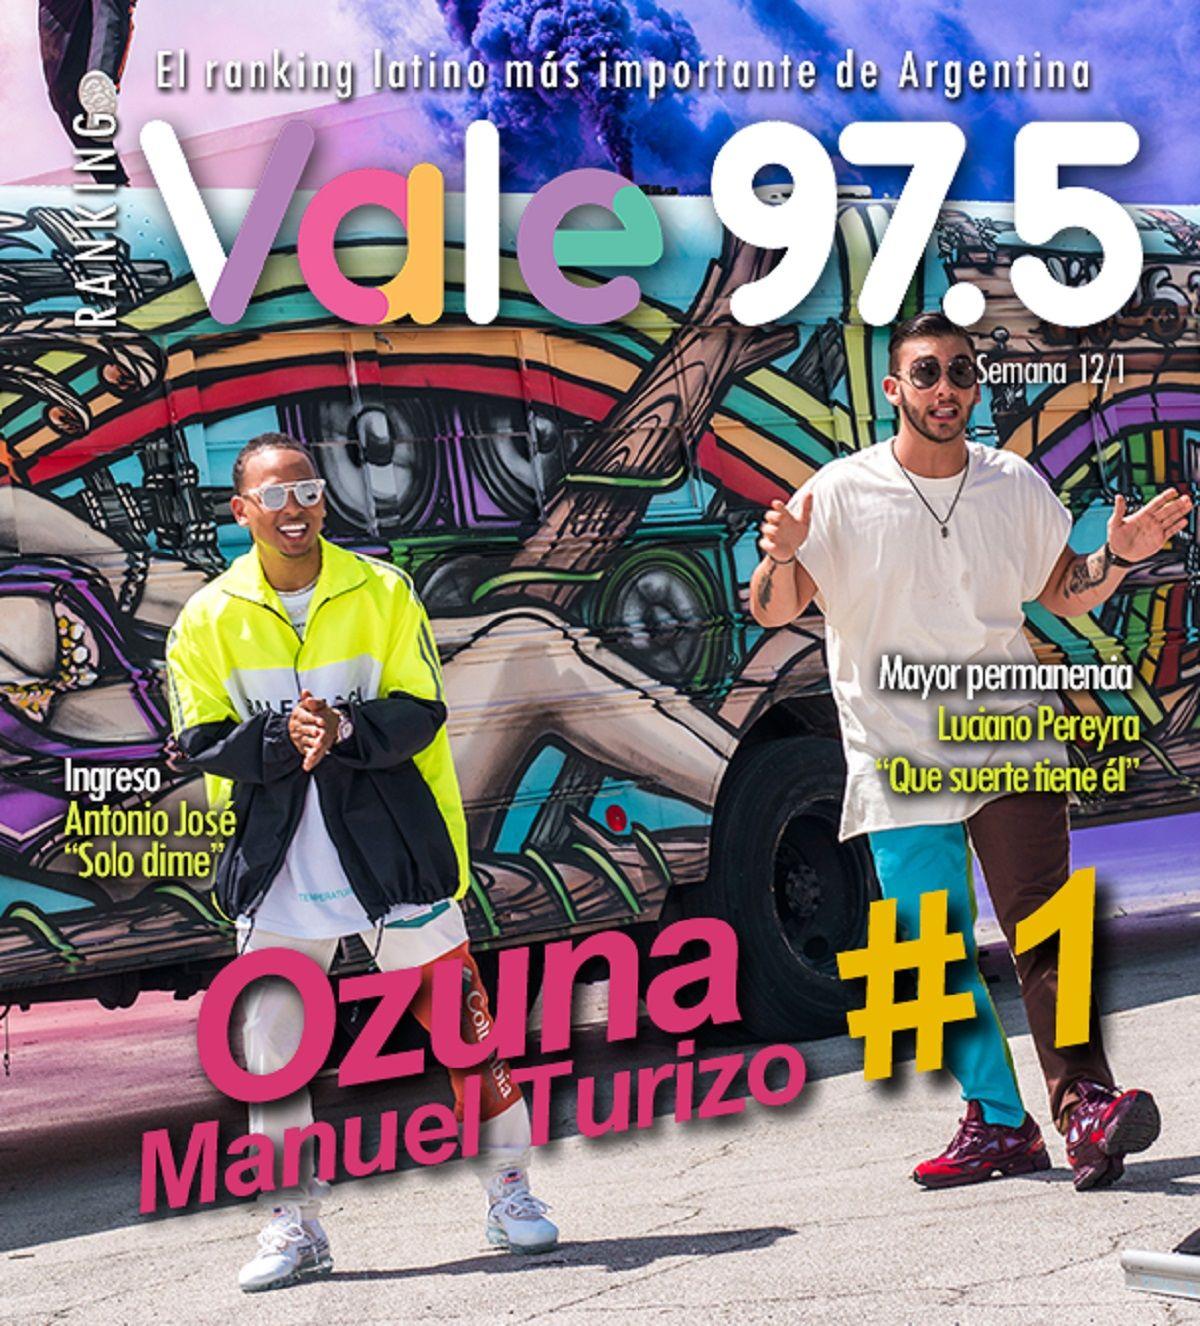 Ozuna continúa en la cima del Ranking Vale